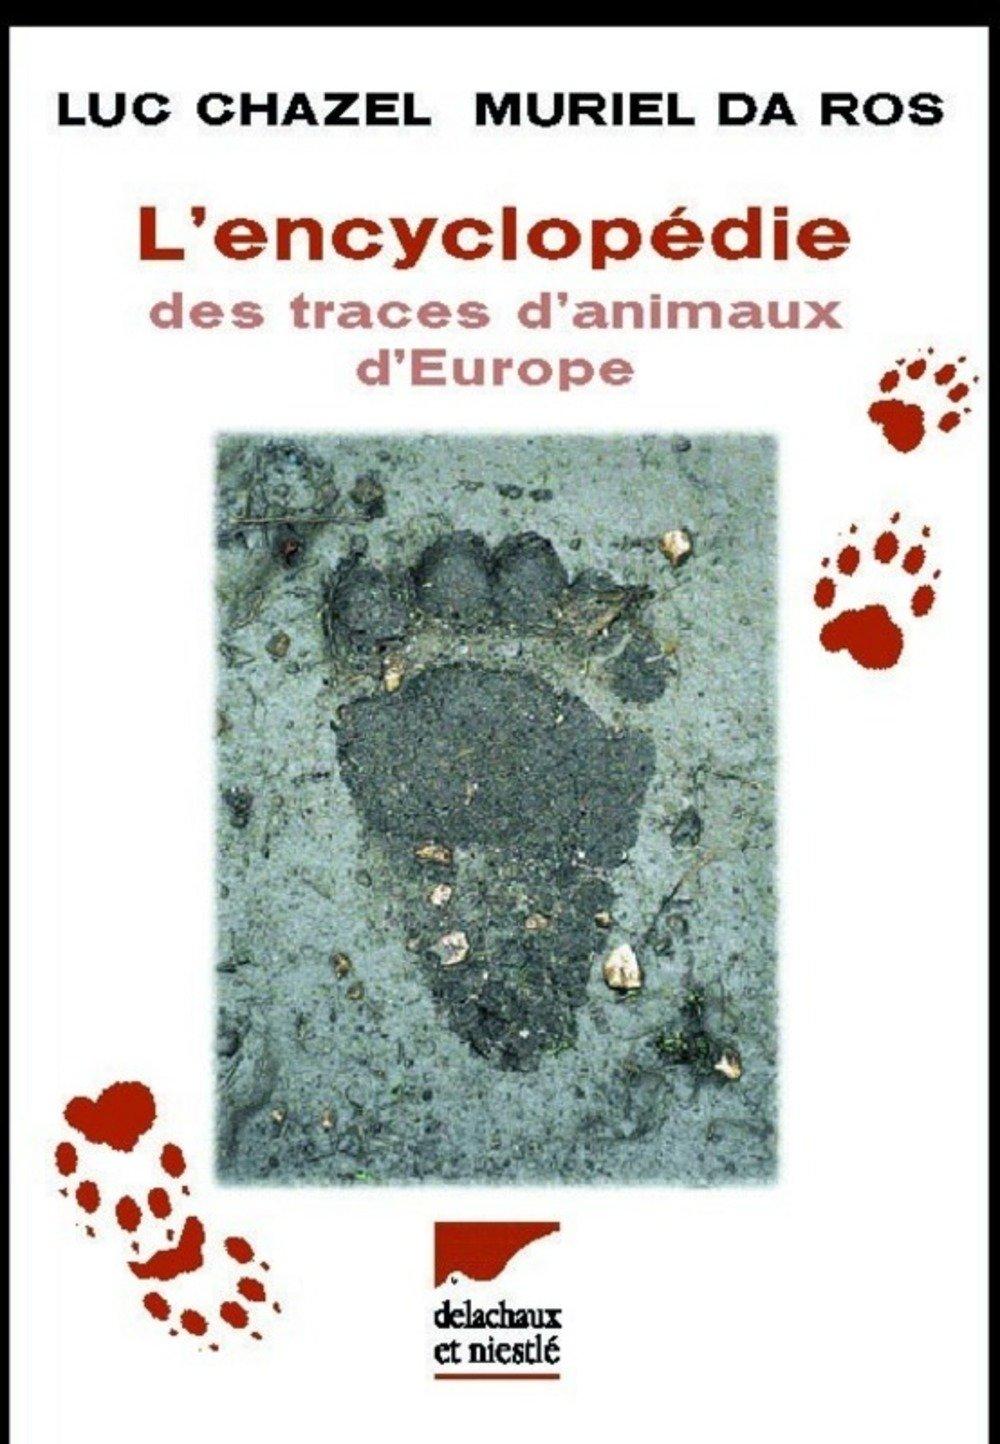 lencyclopedie des traces danimaux deurope